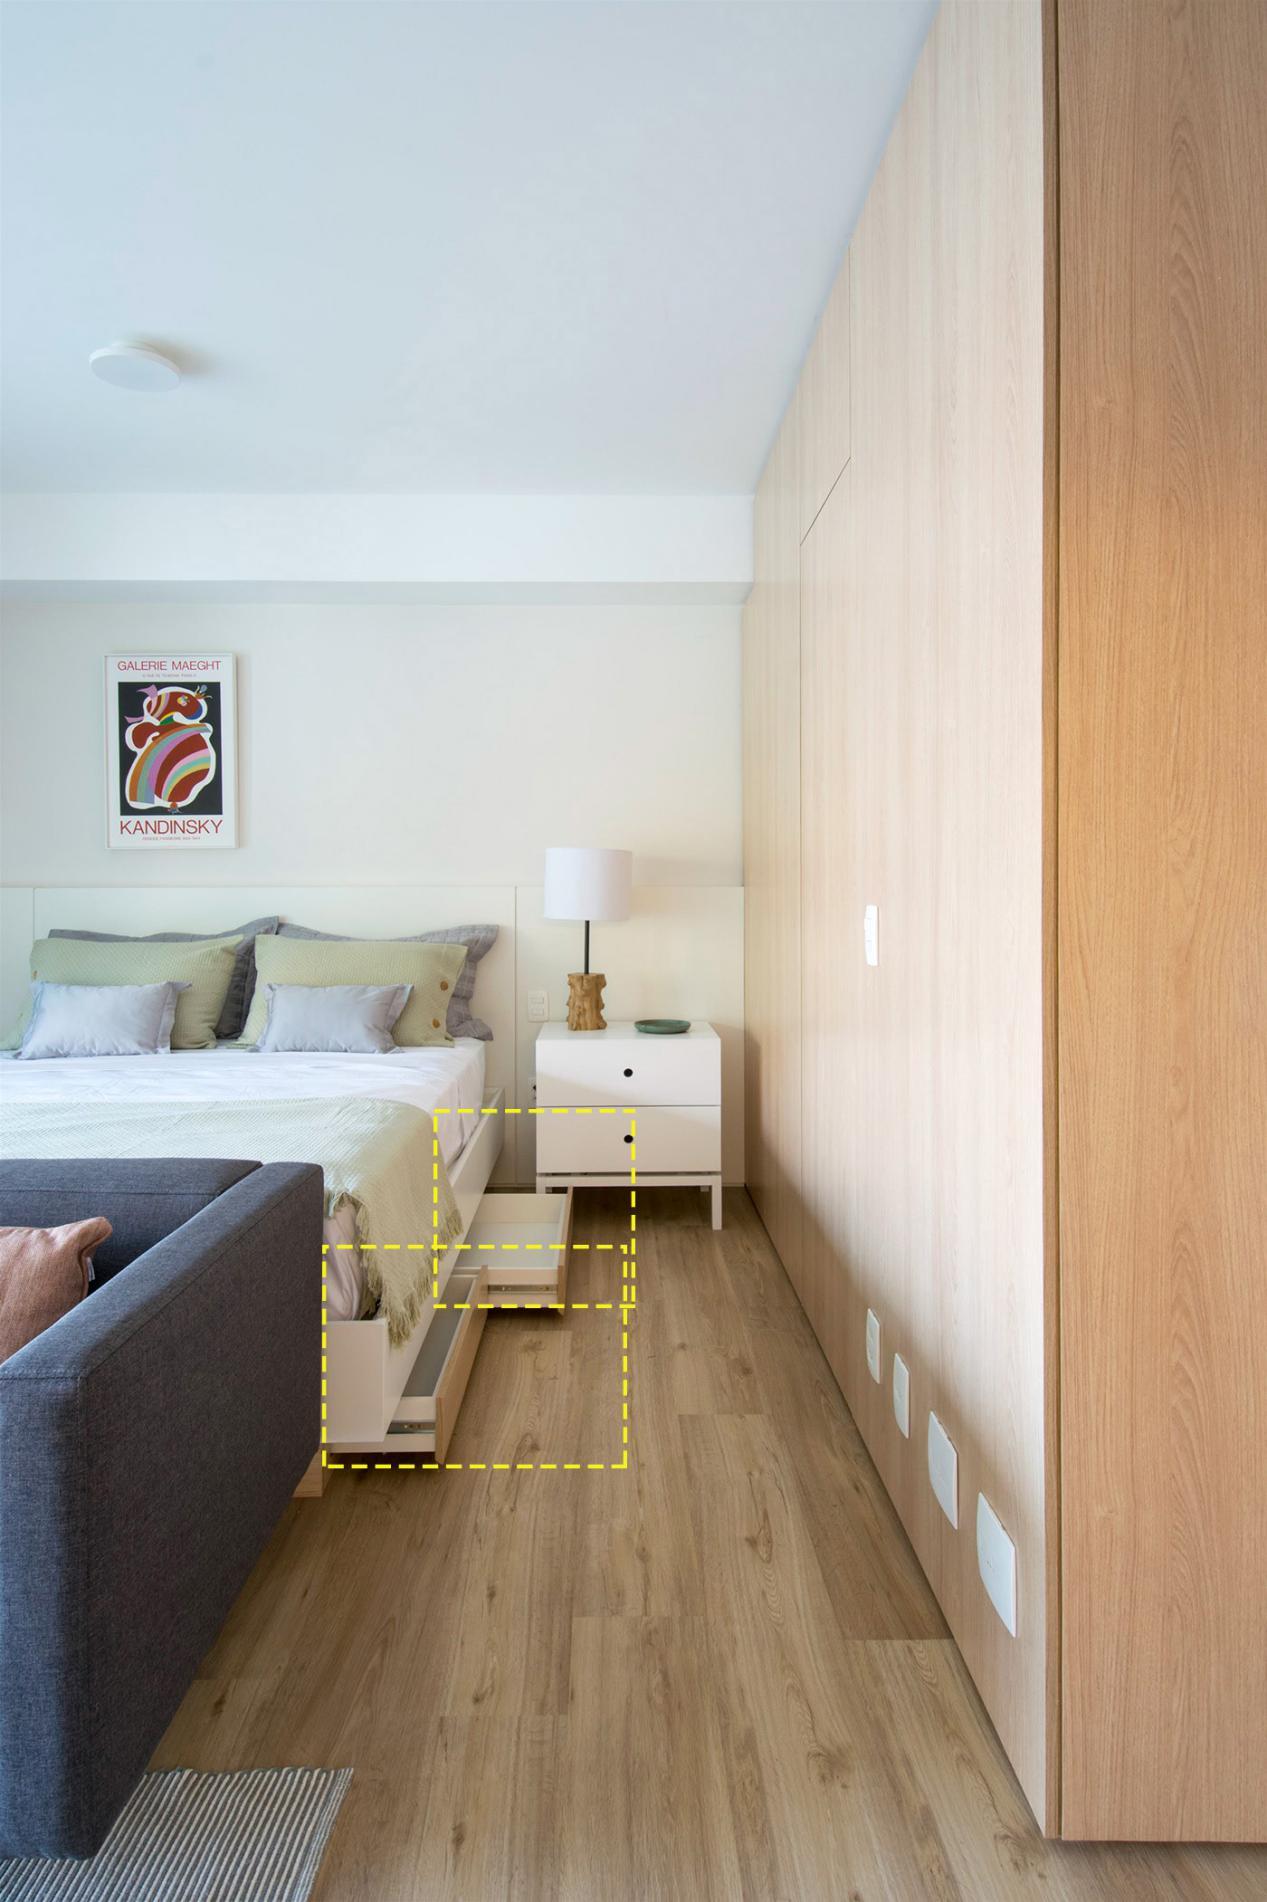 家里总共才27㎡,卧室不装门,沙发后就是床,功能区一个没落下